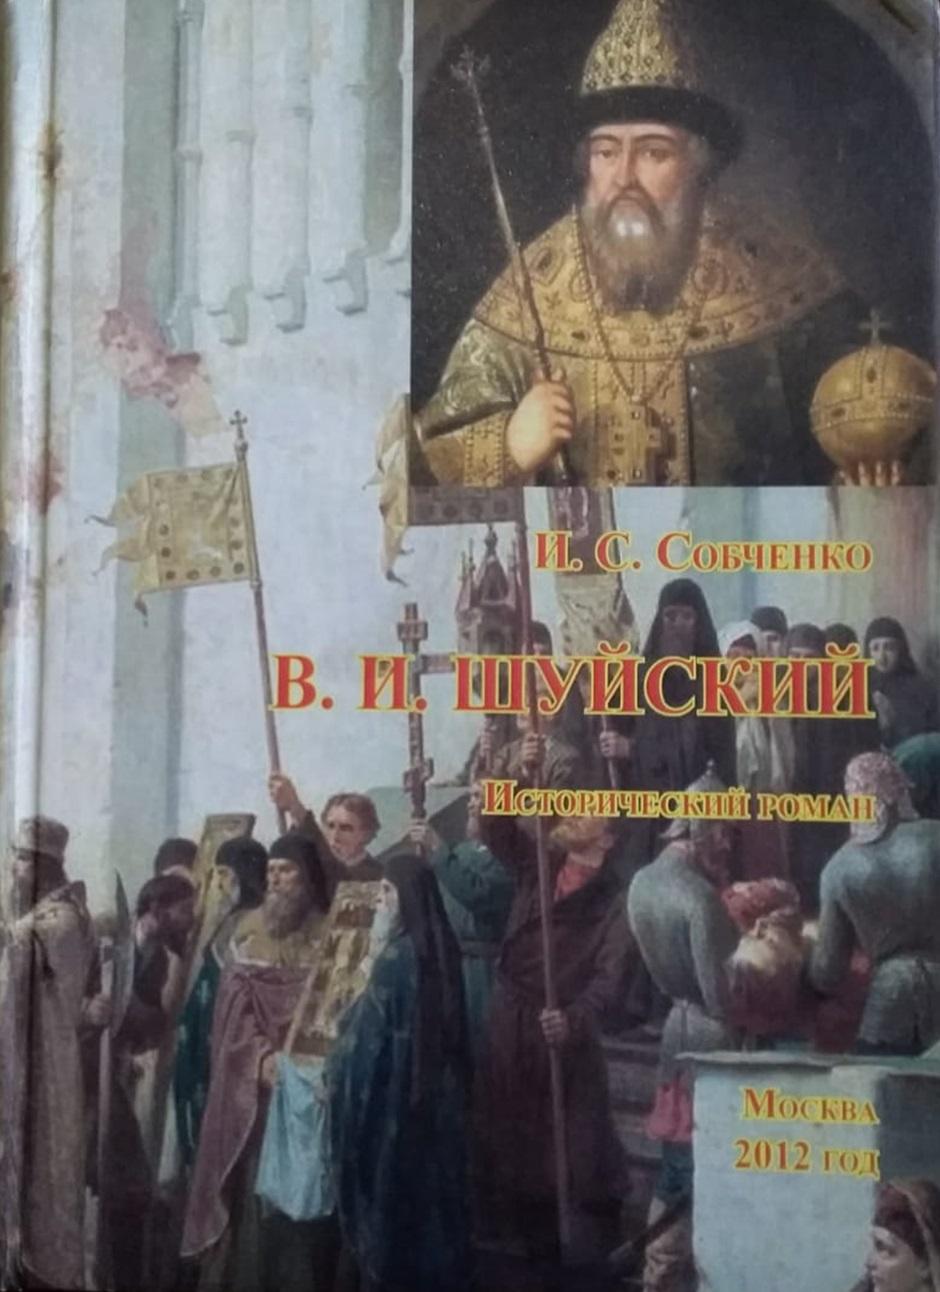 василий шуйский занял российский трон